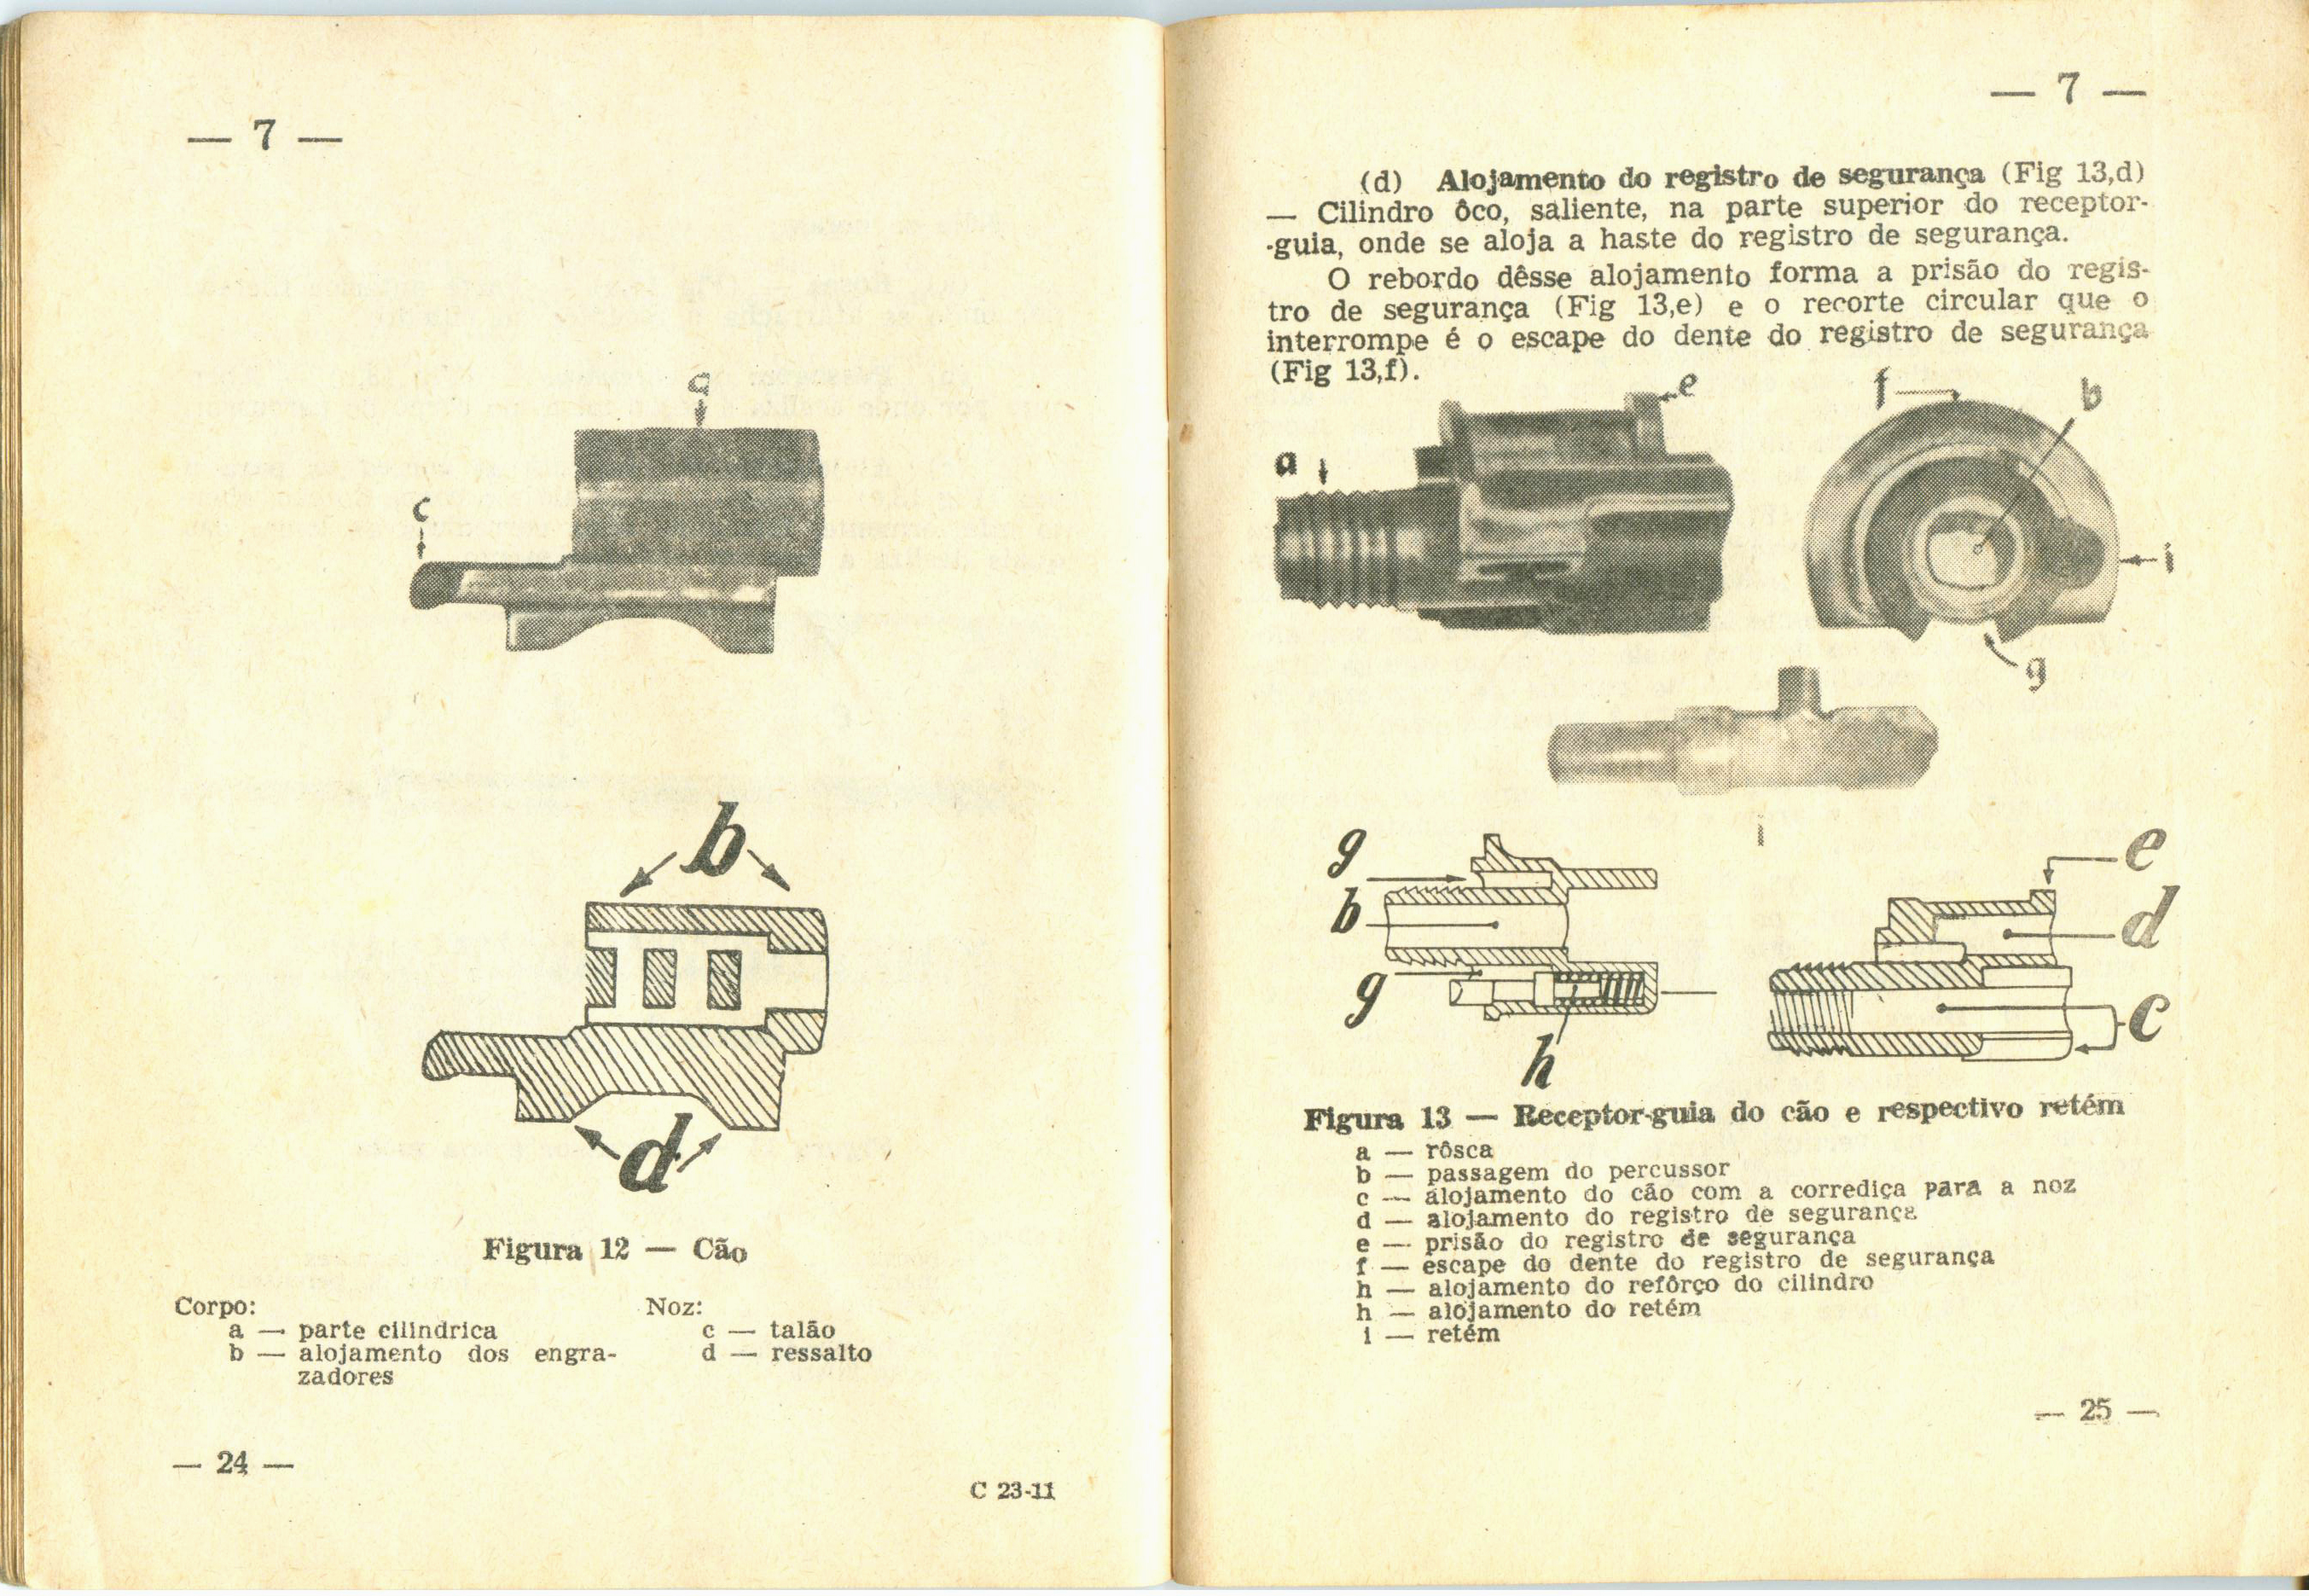 Fuzs mauser no brasil e as espingardas da fbrica de itajub rev capa do manual de campanha do mosqueto 1949 edio do mg de 1956 fandeluxe Image collections